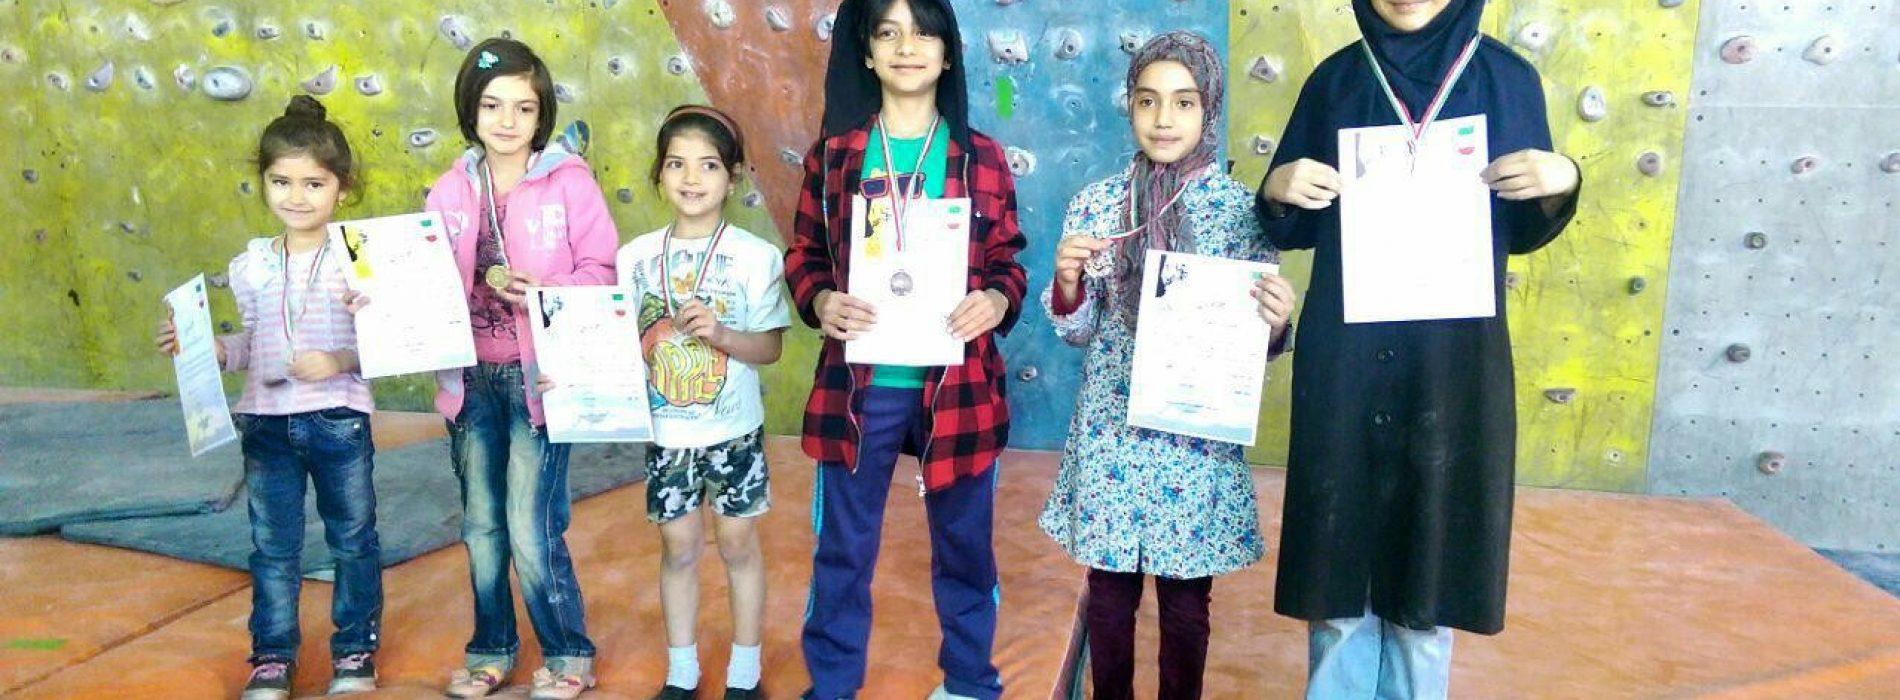 زنجان: نتایج مسابقات سنگنوردی نونهالان و نوجوانان/بانوان